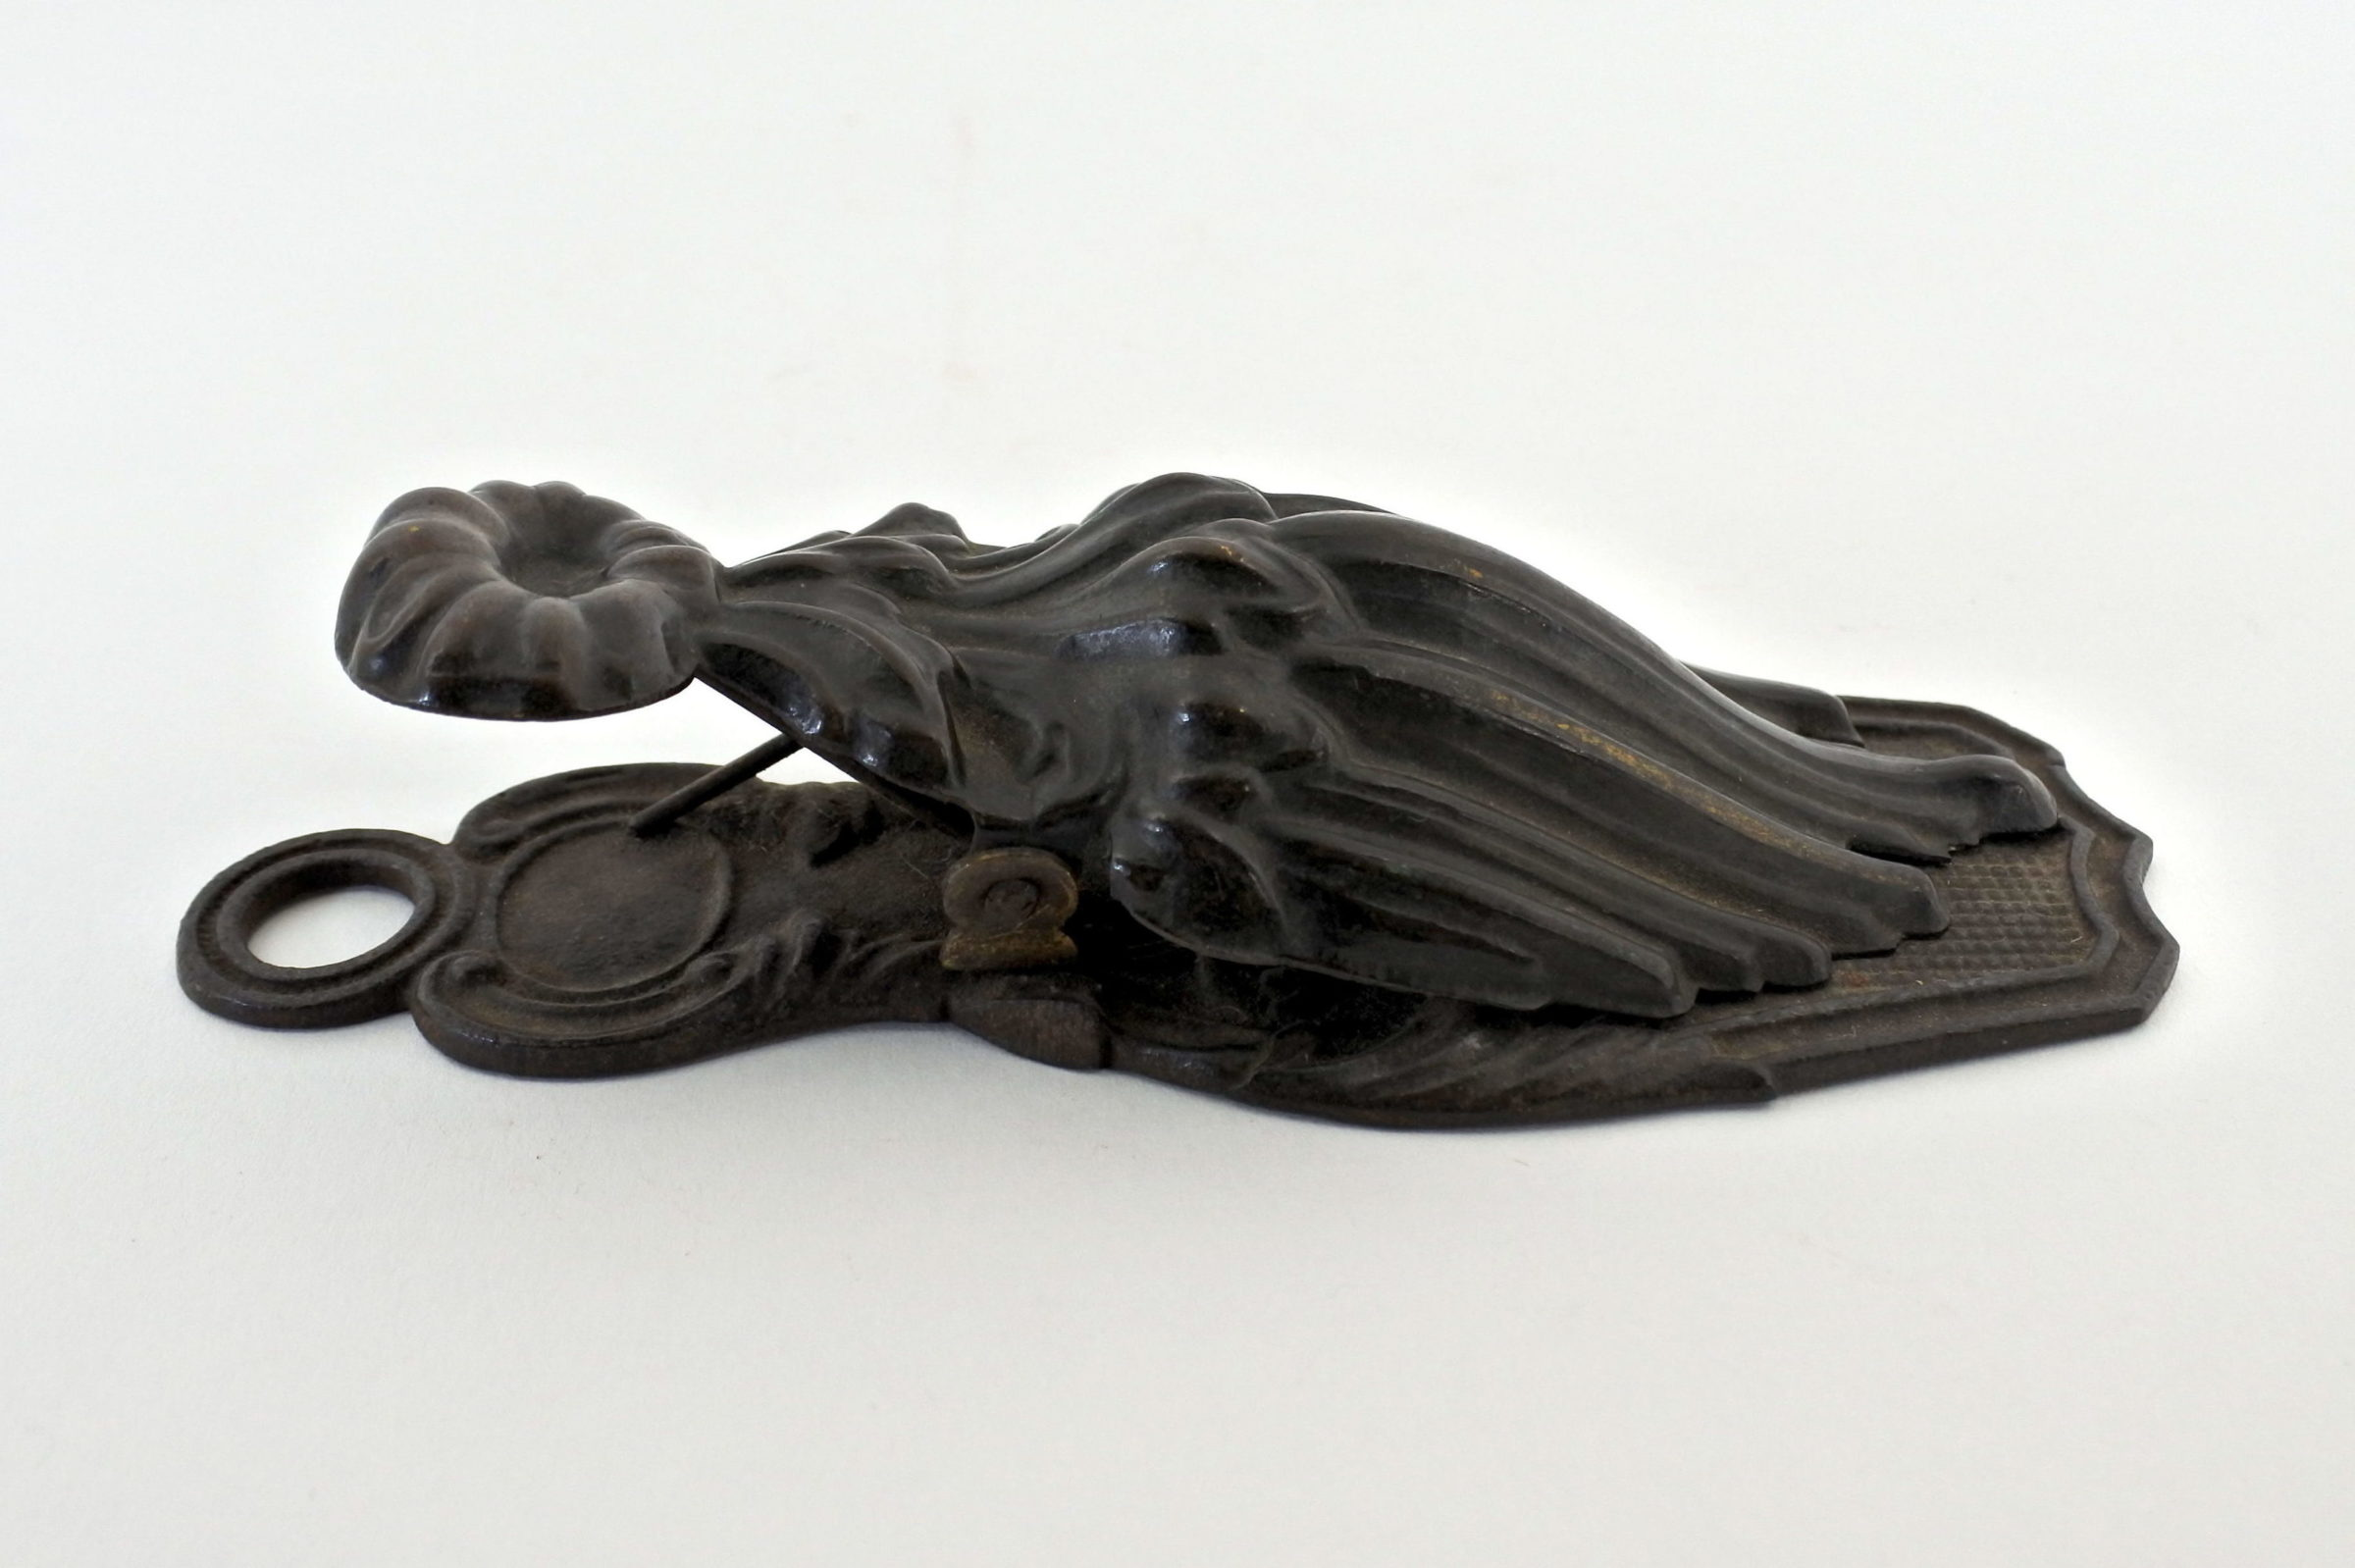 Pinza fogli in ottone e ferro a forma di manina - 3